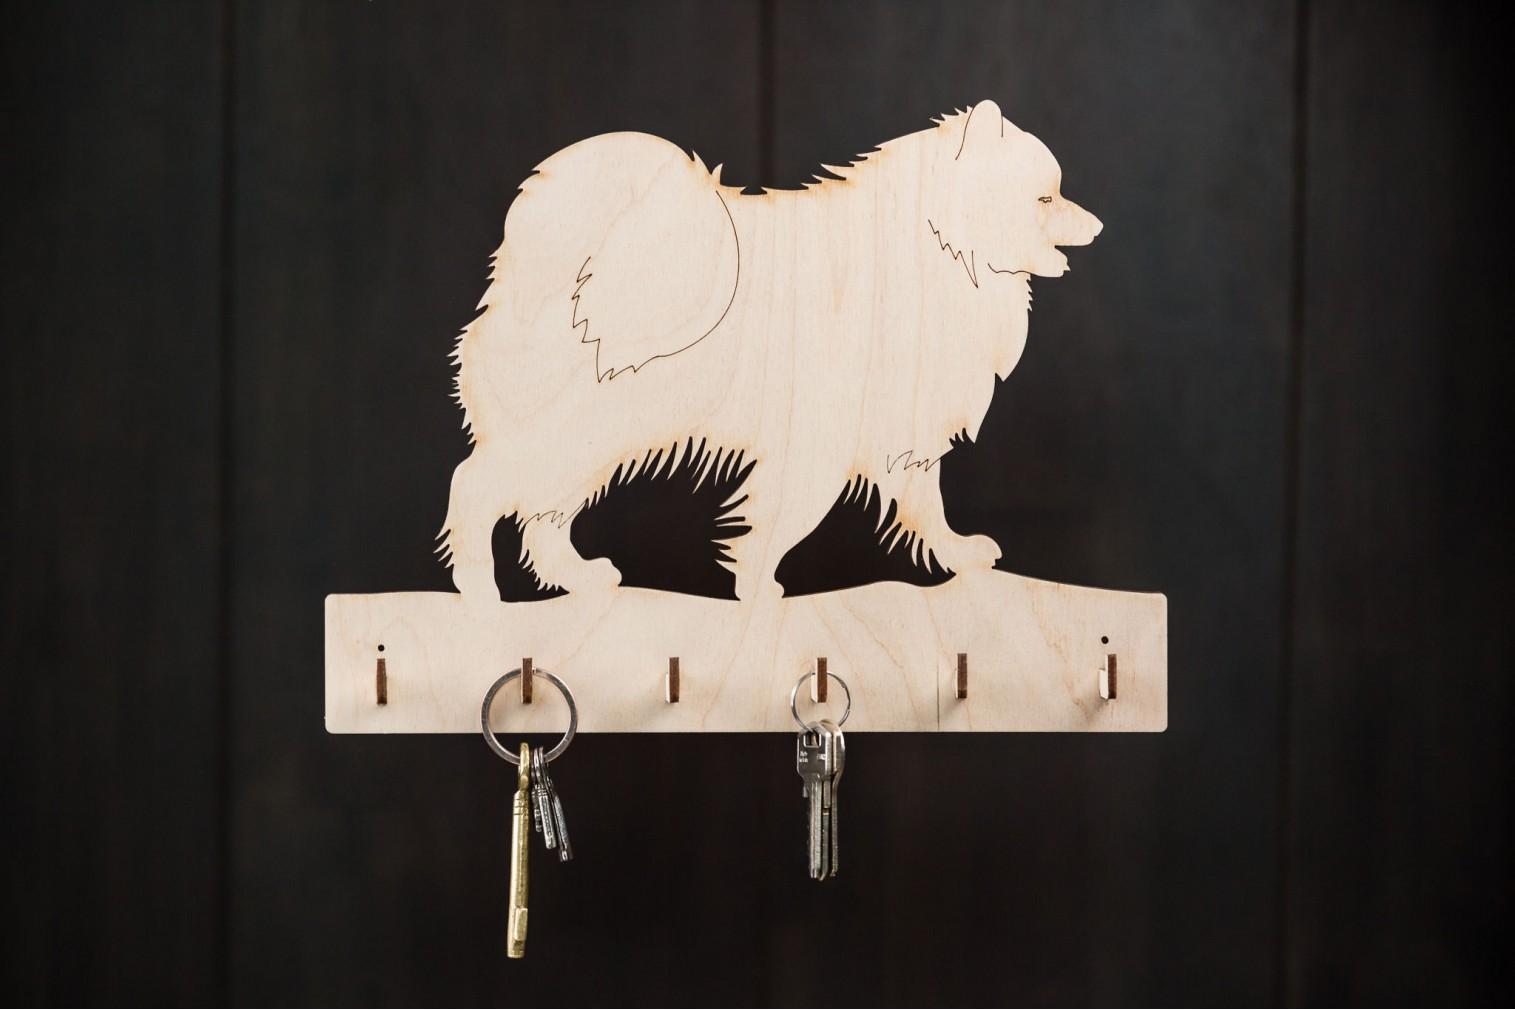 Suns Samojeds